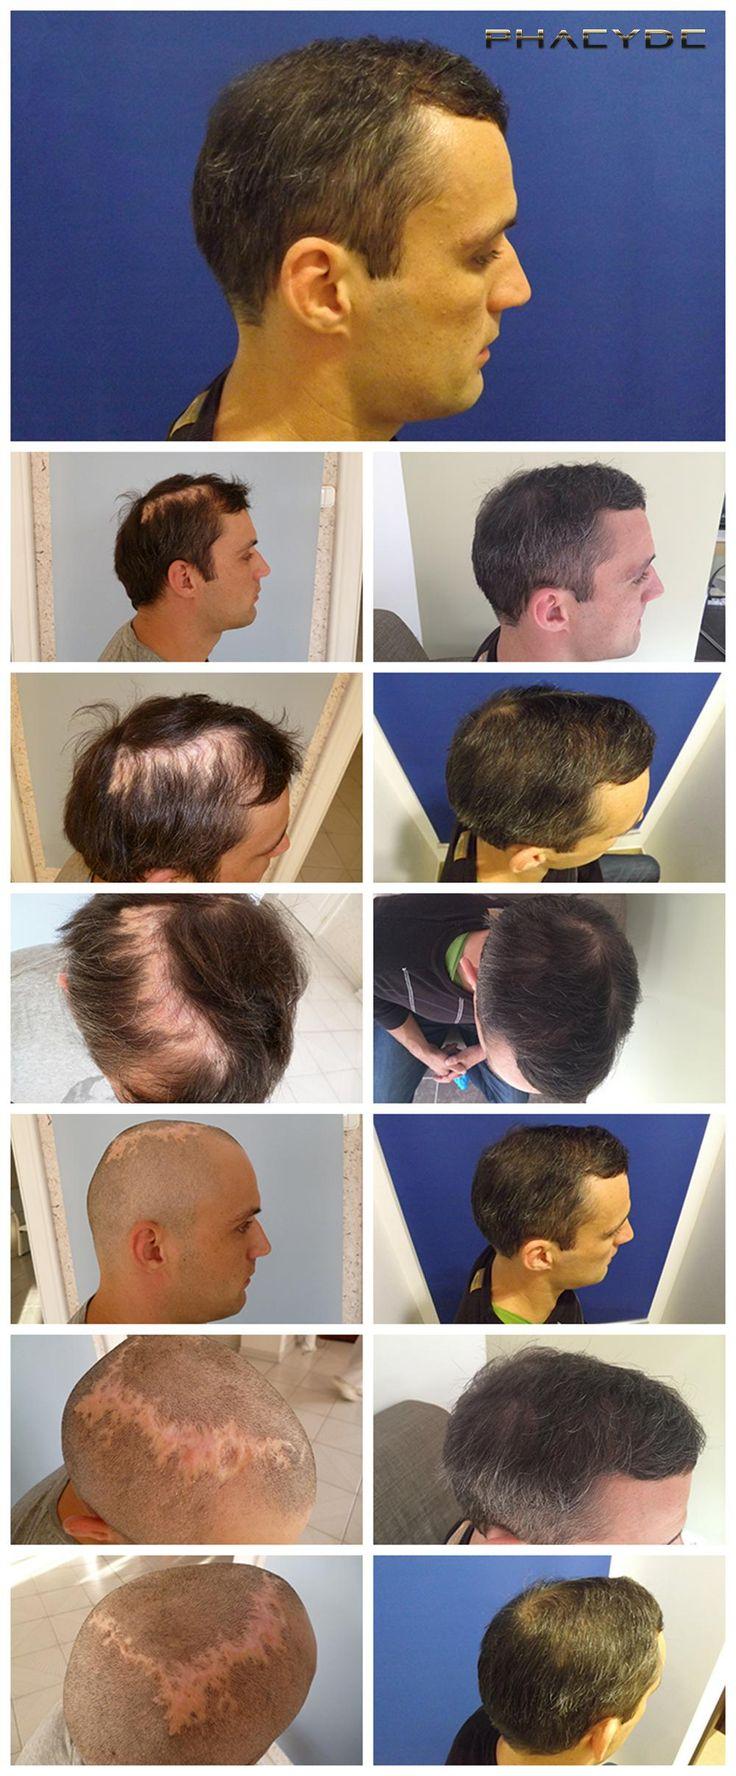 Haartransplantation in Narbengewebe  Peter verlor einen Teil seiner Haare durch Feuer in seiner Kindheit. Die Haartransplantation Behandlung wurde durch PHAEYDE Klinik in Budapest durchgeführt wurden Hungary.5000 + Haare während der 12 Stunden langen Haar Wiederherstellung implantiert.  http://de.phaeyde.com/haartransplantation